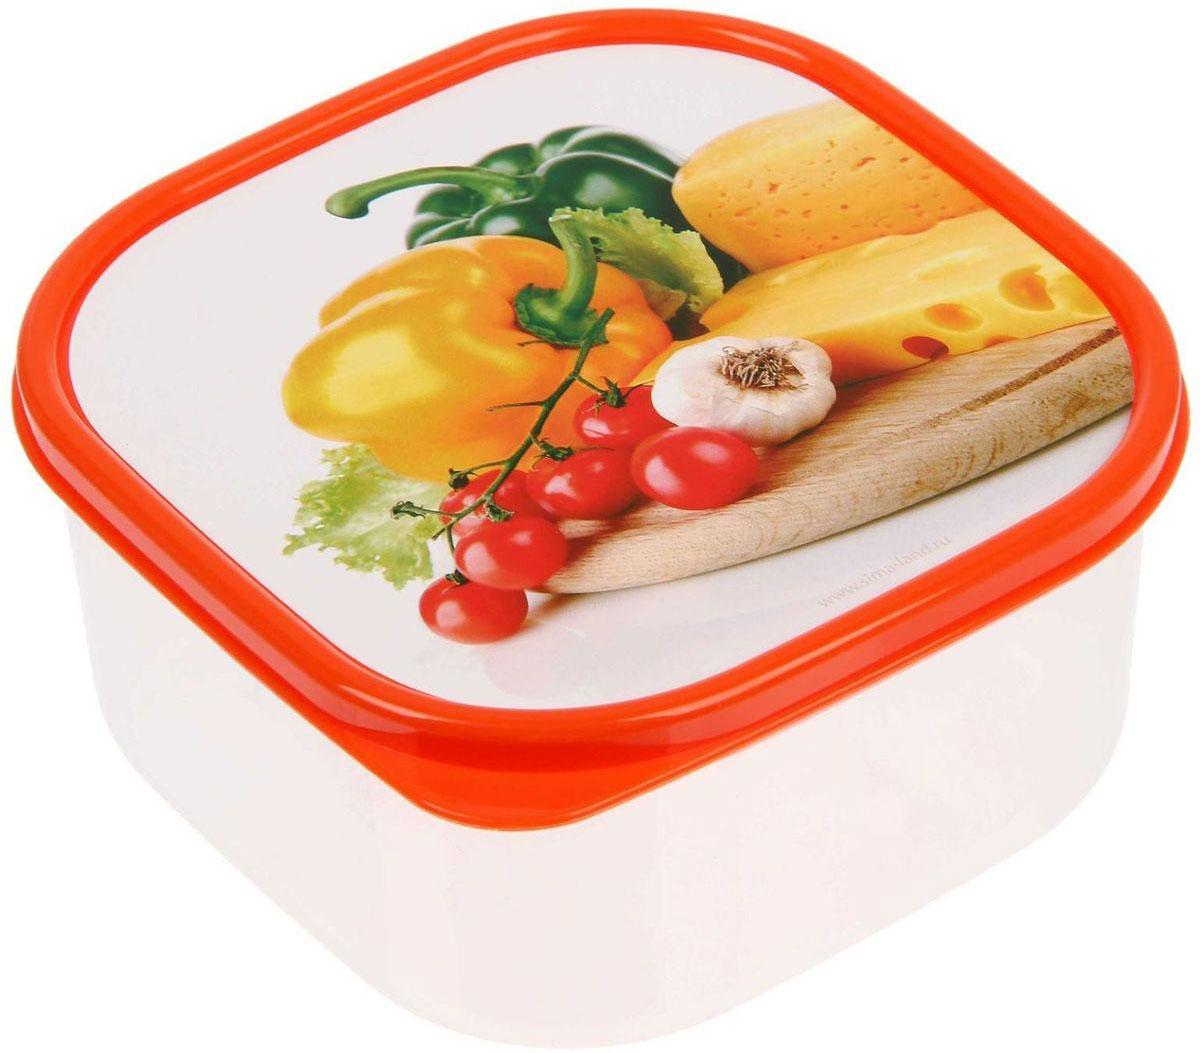 Ланч-бокс Доляна №8, квадратный, 700 млVT-1520(SR)Если после вкусного обеда осталась еда, а насладиться трапезой хочется и на следующий день, ланч-бокс станет отличным решением данной проблемы!Такой контейнер является незаменимым предметом кухонной утвари, ведь у него много преимуществ:Простота ухода. Ланч-бокс достаточно промыть тёплой водой с небольшим количеством чистящего средства, и он снова готов к использованию.Вместительность. Большой выбор форм и объёма поможет разместить разнообразные продукты от сахара до супов.Эргономичность. Ланч-боксы очень легко хранить даже в самой маленькой кухне, так как их можно поставить один в другой по принципу матрёшки.Многофункциональность. Разнообразие цветов и форм делает возможным использование контейнеров не только на кухне, но и в других областях домашнего быта.Любители приготовления обеда на всю семью в большинстве случаев приобретают ланч-боксы наборами, так как это позволяет рассортировать продукты по всевозможным признакам. К тому же контейнеры среднего размера станут незаменимыми помощниками на работе: ведь что может быть приятнее, чем порадовать себя во время обеда прекрасной едой, заботливо сохранённой в контейнере?В качестве материала для изготовления используется пластик, что делает процесс ухода за контейнером ещё более эффективным. К каждому ланч-боксу в комплекте также прилагается крышка подходящего размера, это позволяет плотно и надёжно удерживать запах еды и упрощает процесс транспортировки.Однако рекомендуется соблюдать и меры предосторожности: не использовать пластиковые контейнеры в духовых шкафах и на открытом огне, а также не разогревать в микроволновых печах при закрытой крышке ланч-бокса. Соблюдение мер безопасности позволит продлить срок эксплуатации и сохранить отличный внешний вид изделия.Эргономичный дизайн и многофункциональность таких контейнеров — вот, что является причиной большой популярности данного предмета у каждой хозяйки. А в преддверии лета и дачного сезона такое приобретение позволит